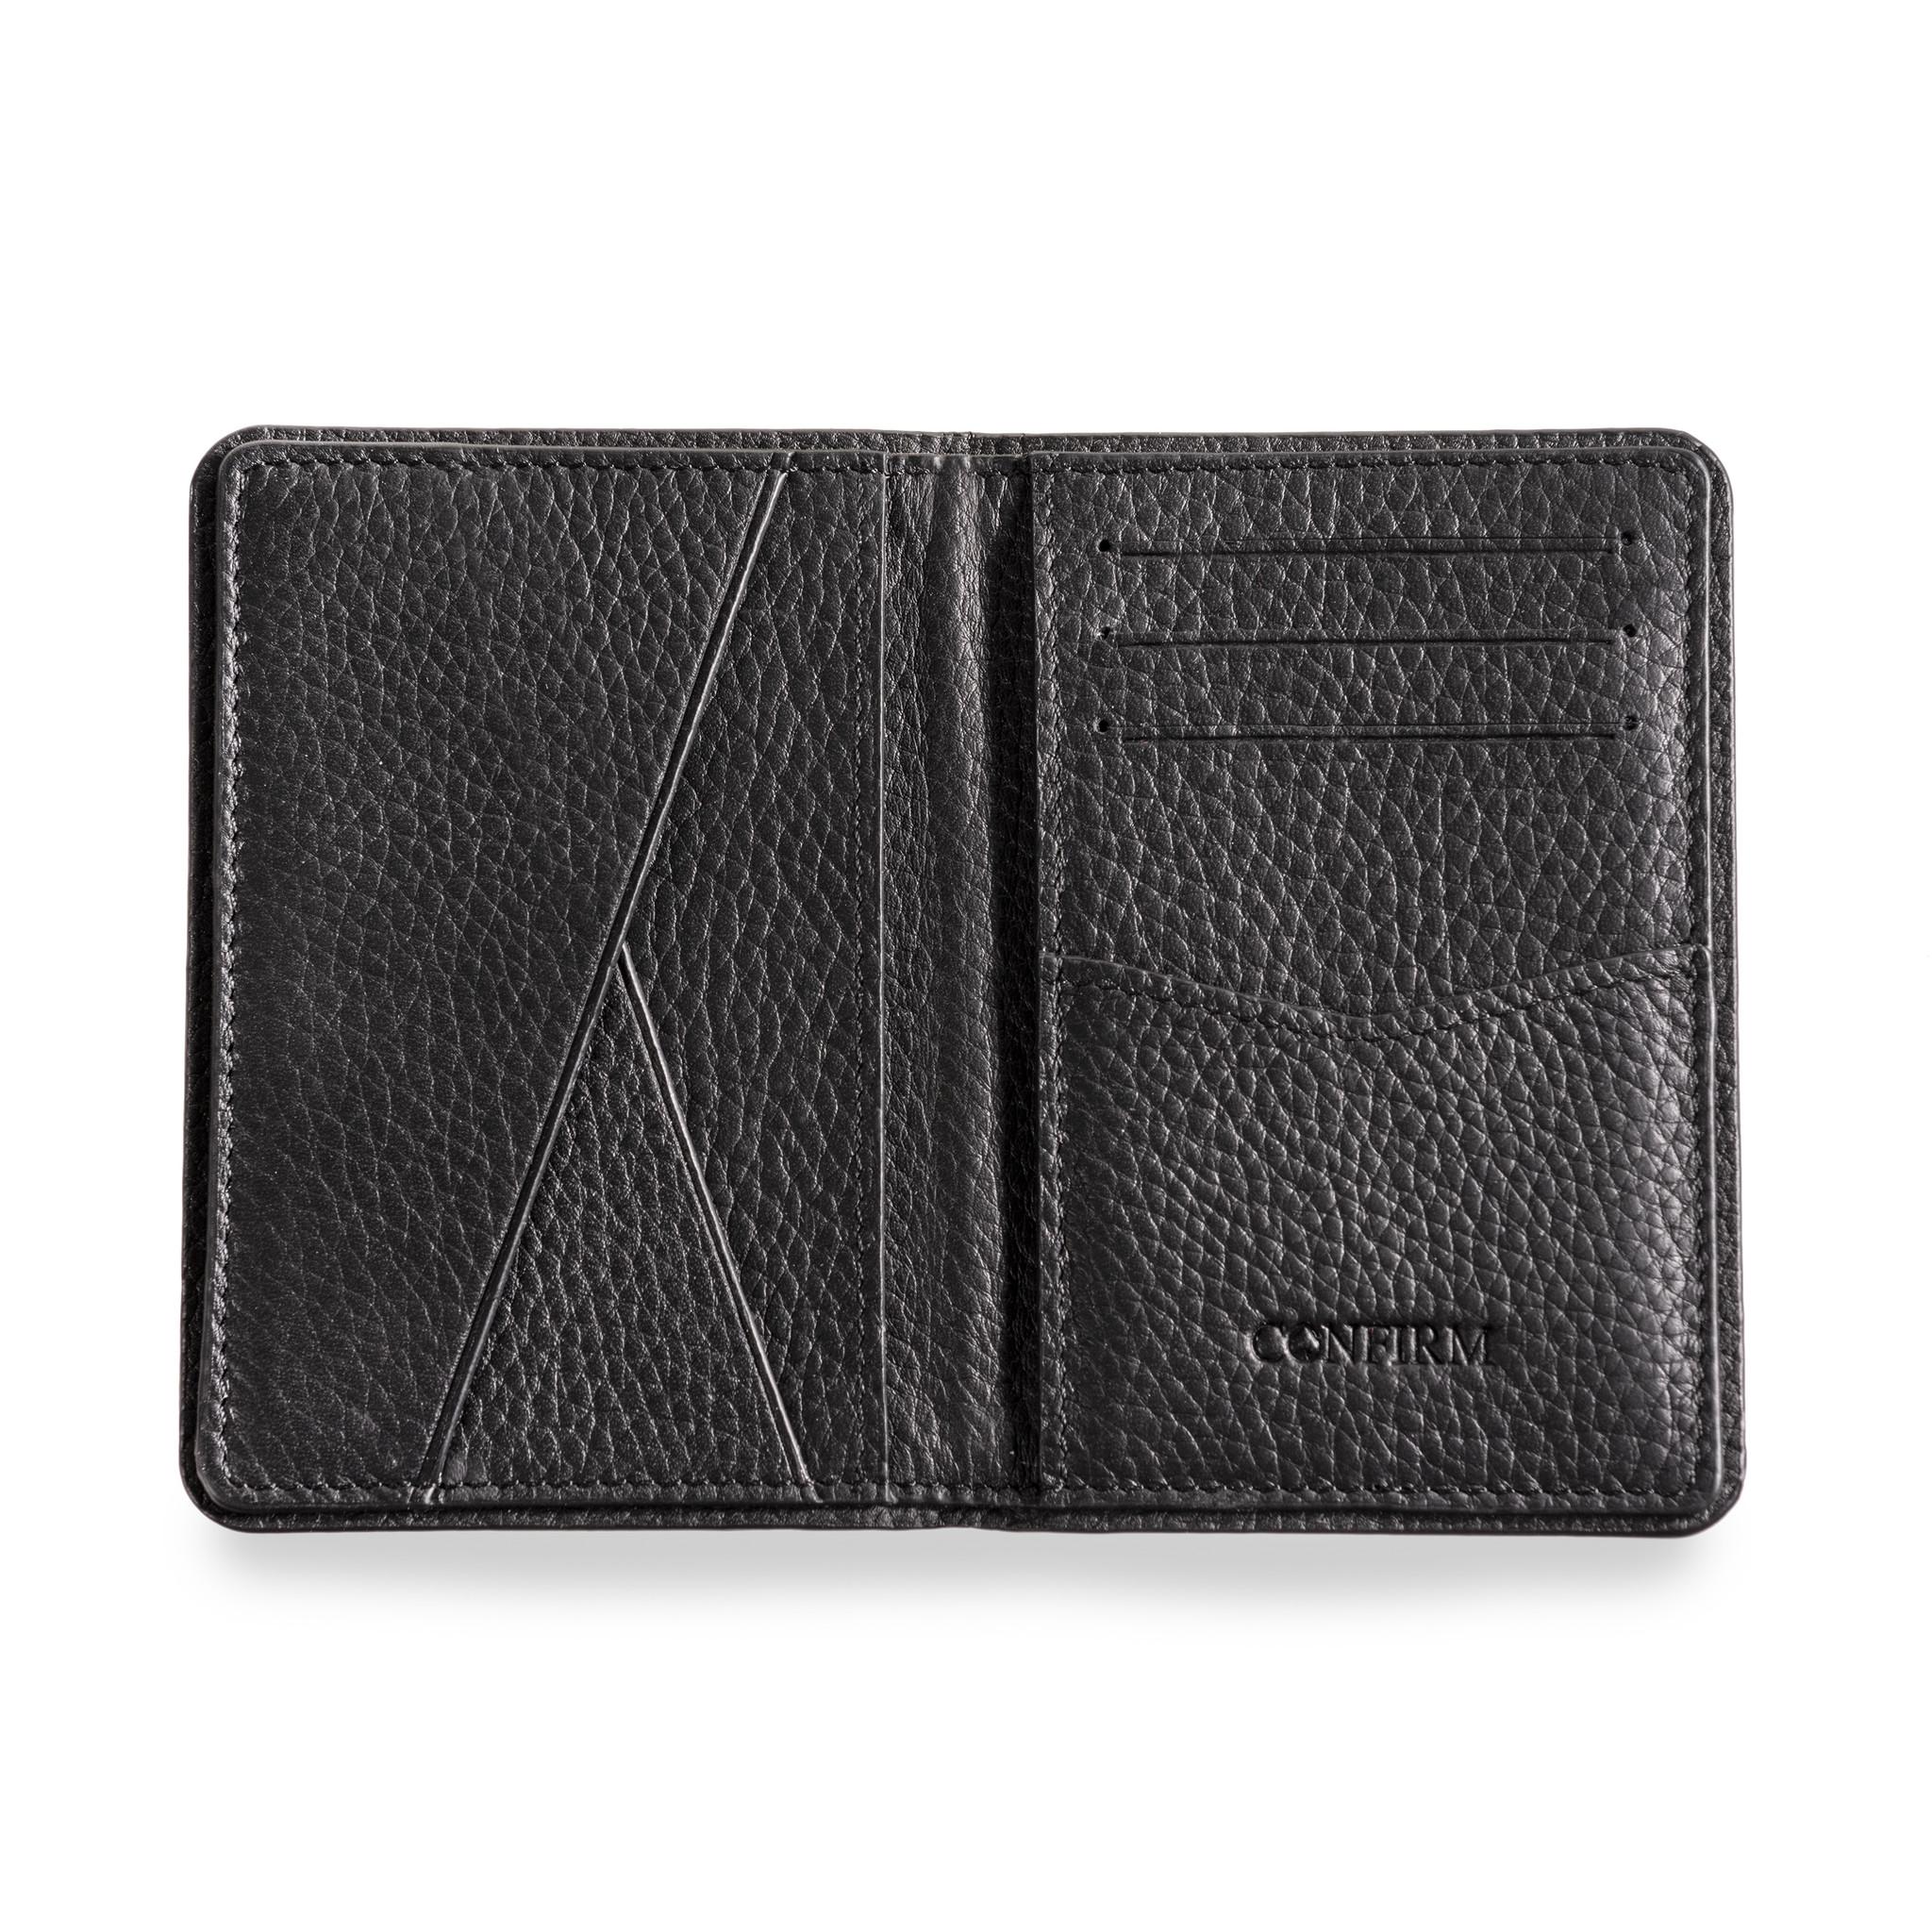 Confirm wallet Pecunia  - monaco-3